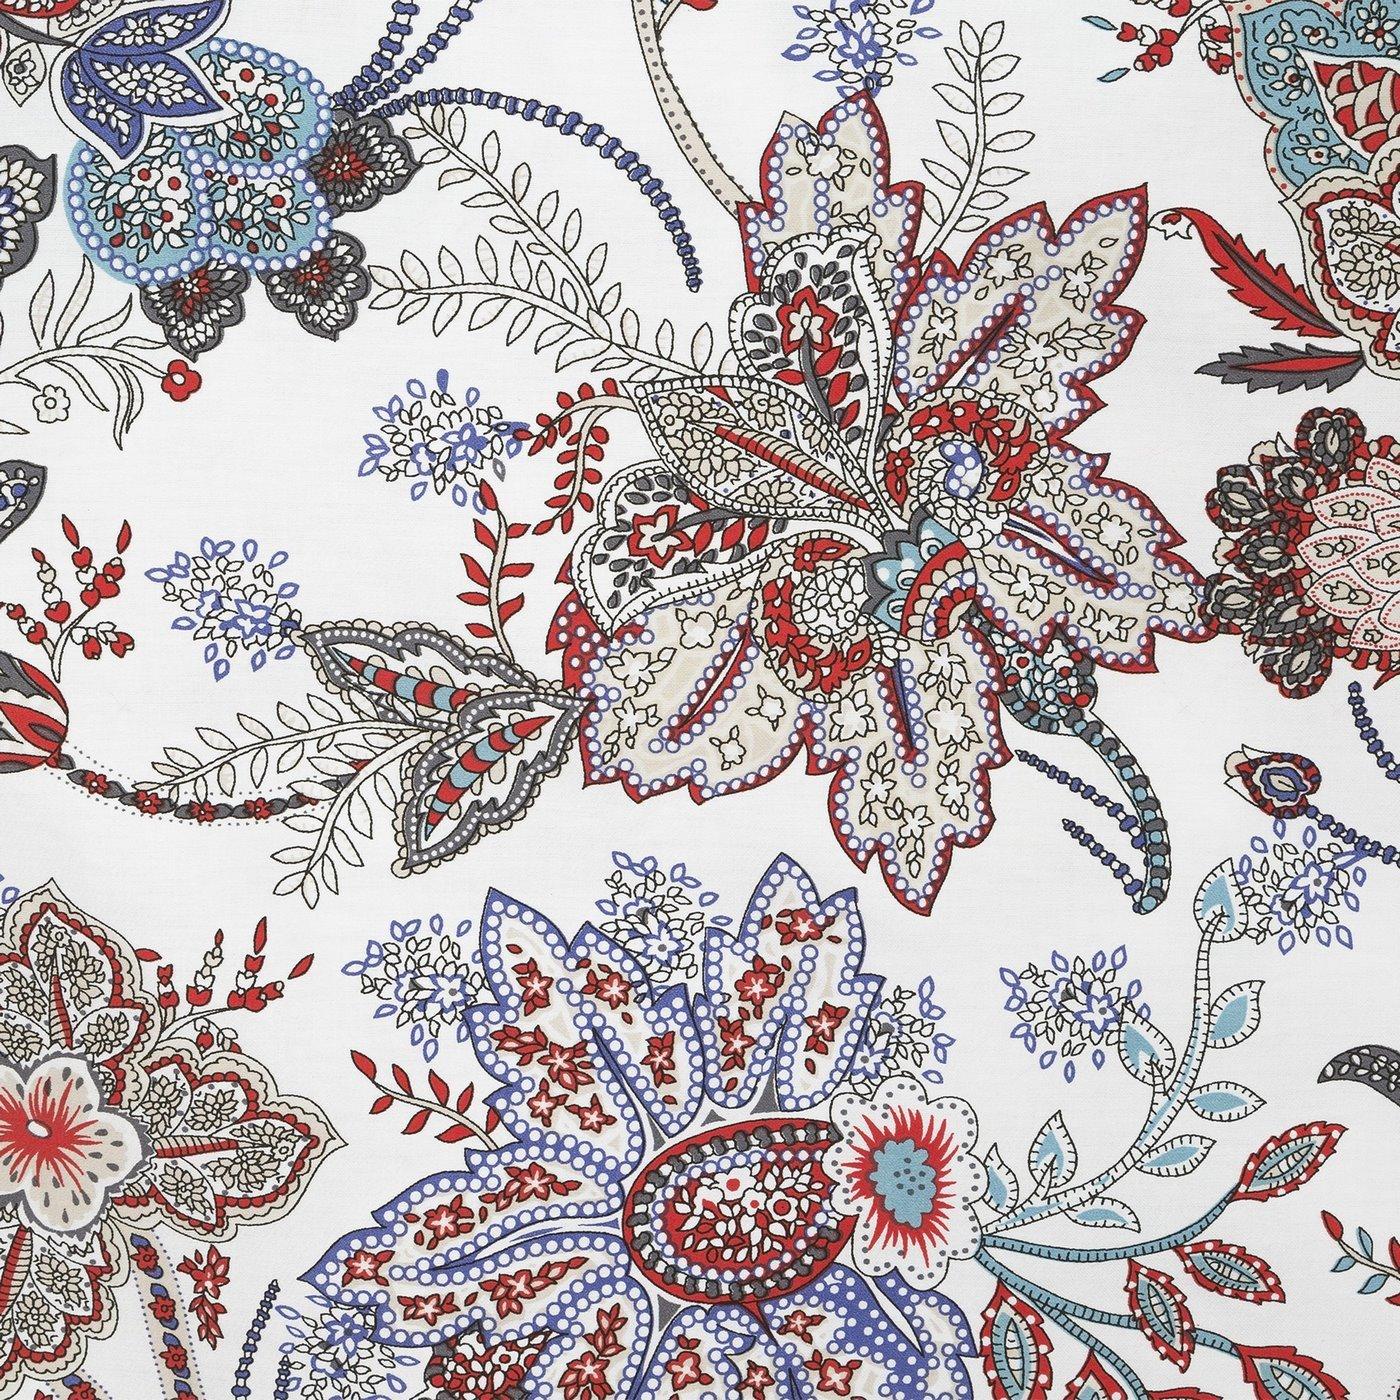 Komplet pościeli satyna bawełniana 160x200+2szt. 70x80 nowoczesny kwiatowy wzór